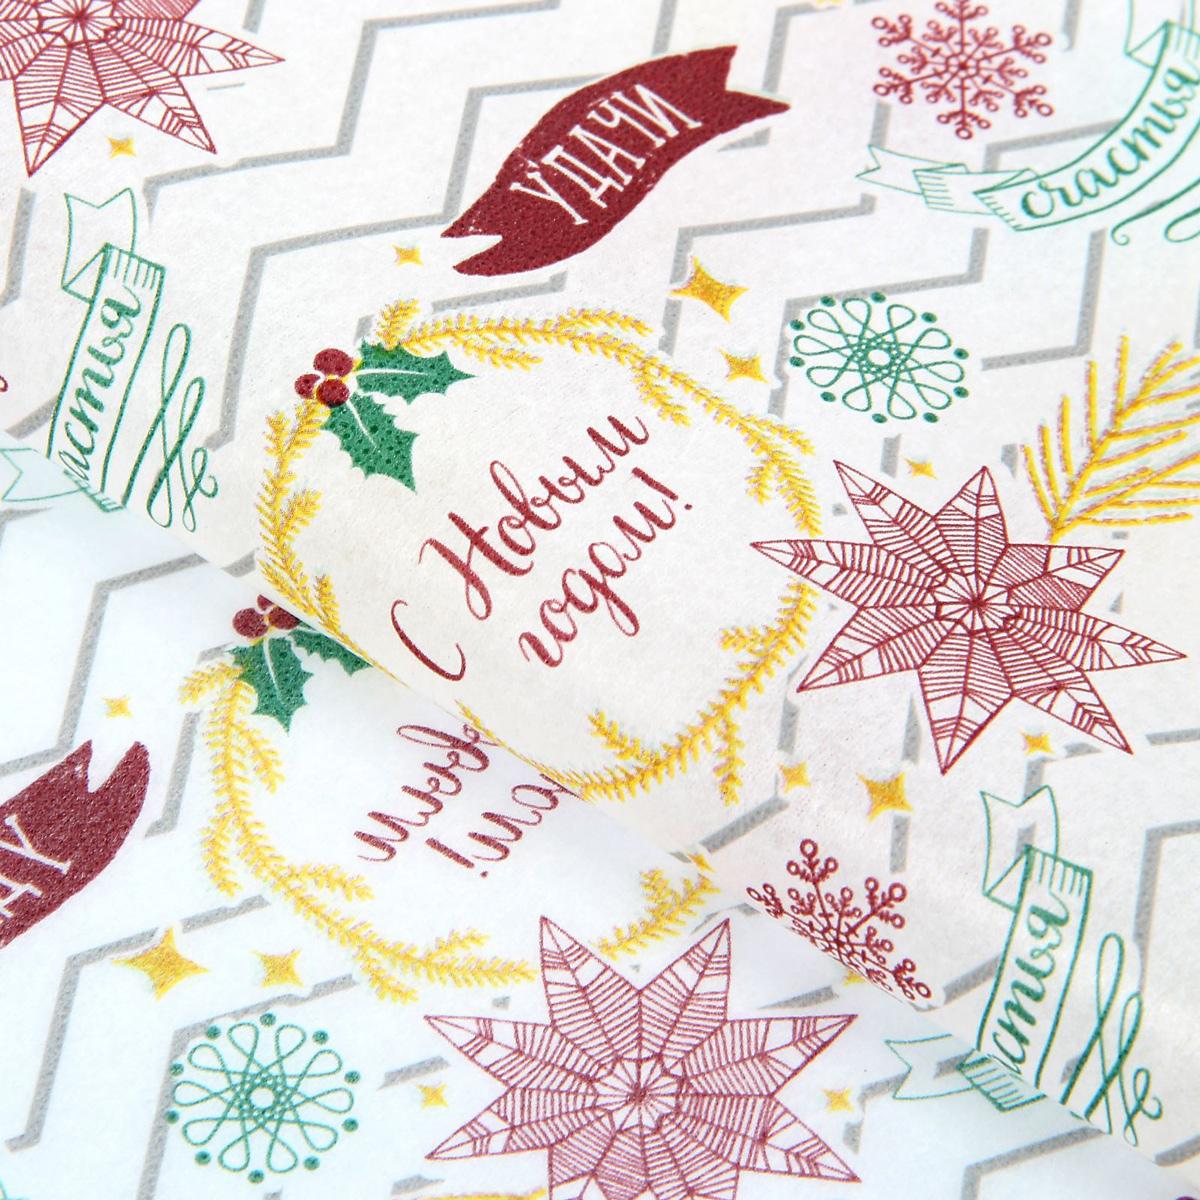 Бумага упаковочная Sima-land Удачи в Новом Году, тишью, 50 х 70 см1386367Бумага упаковочная Sima-land - это стильный и модный тренд в декоре и упаковке. Она универсальна в оформлении любой продукции и подарка и сделает даже обычный презент заметным, приятным и стильным.